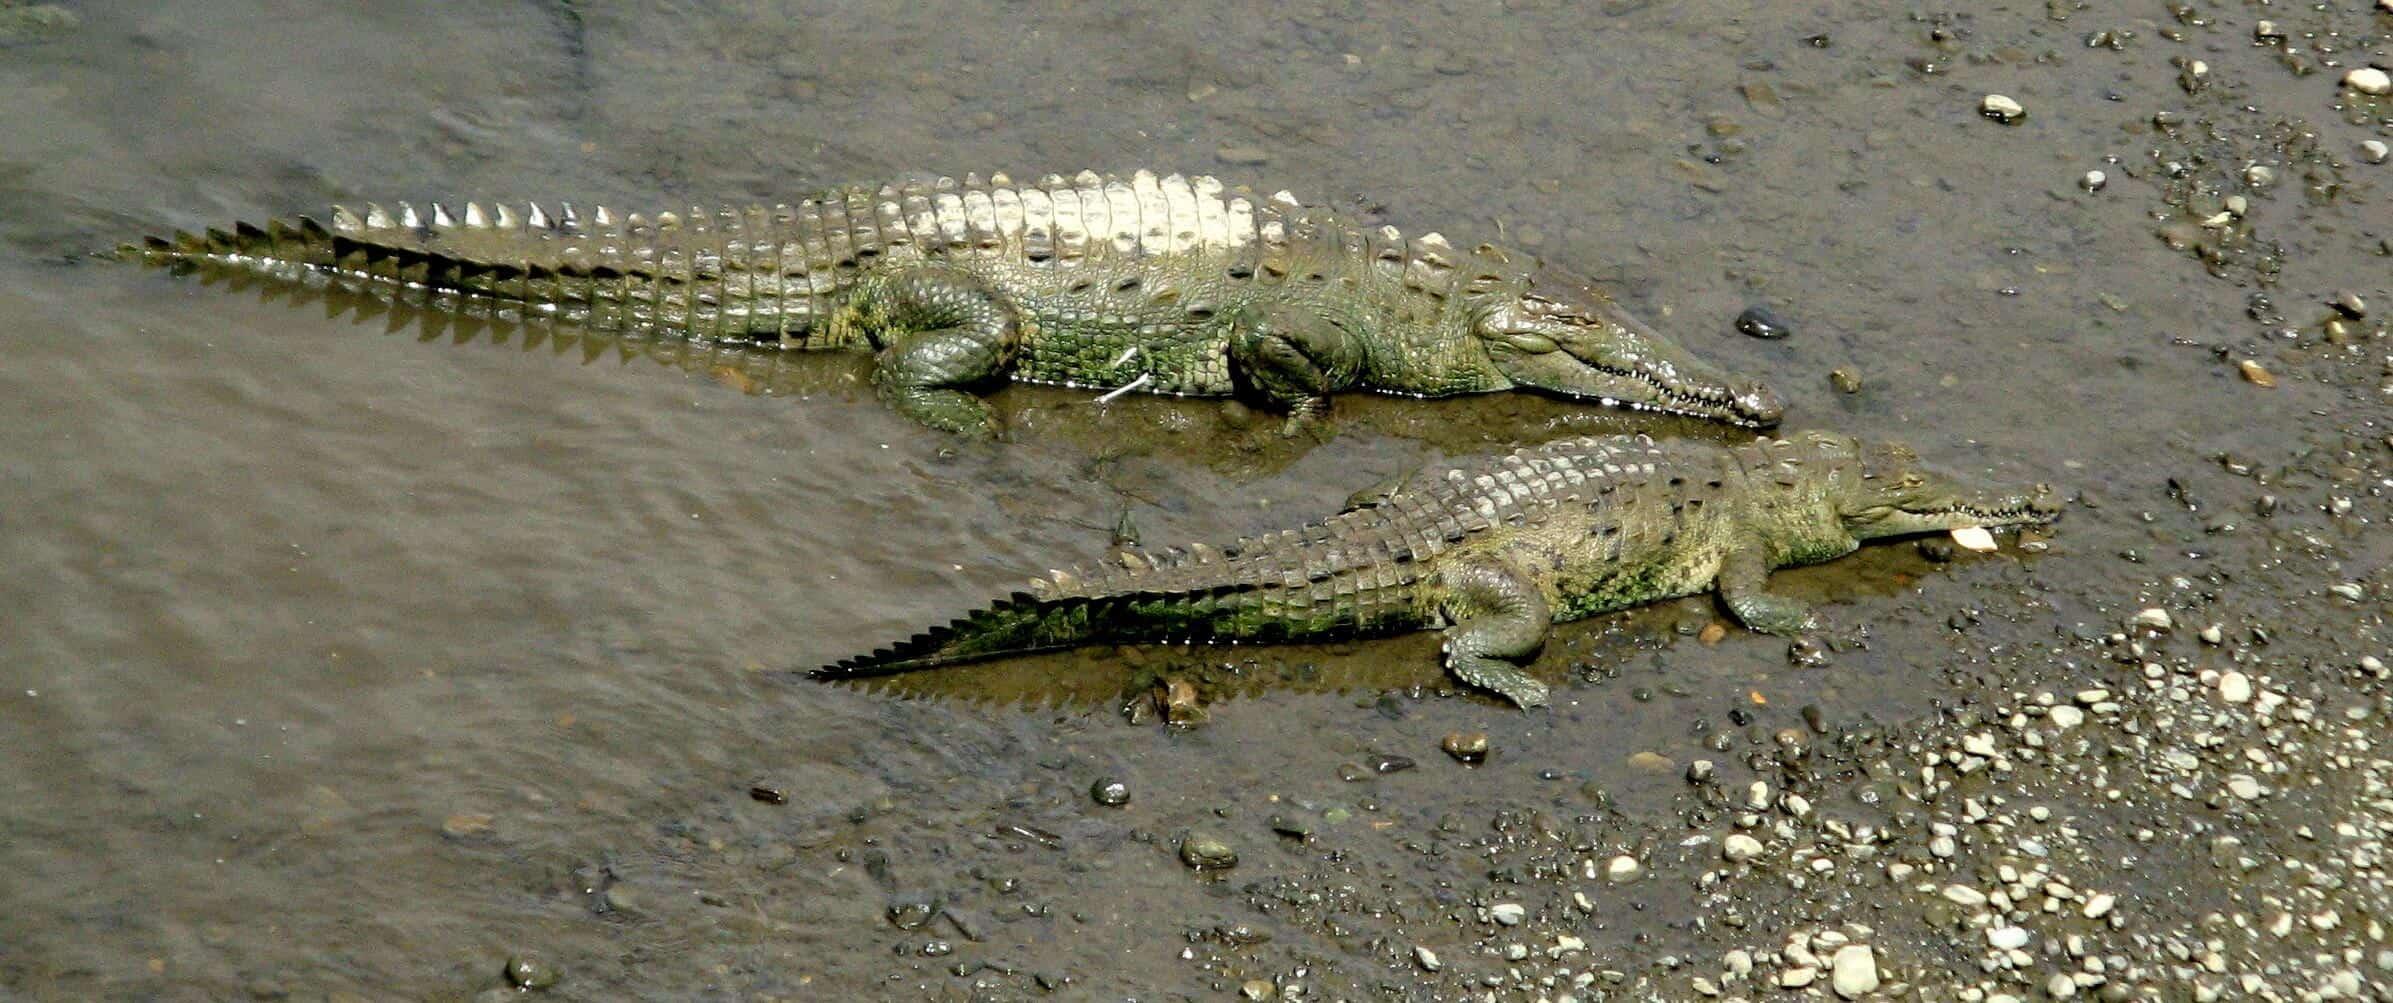 Crocs in Costa Rica